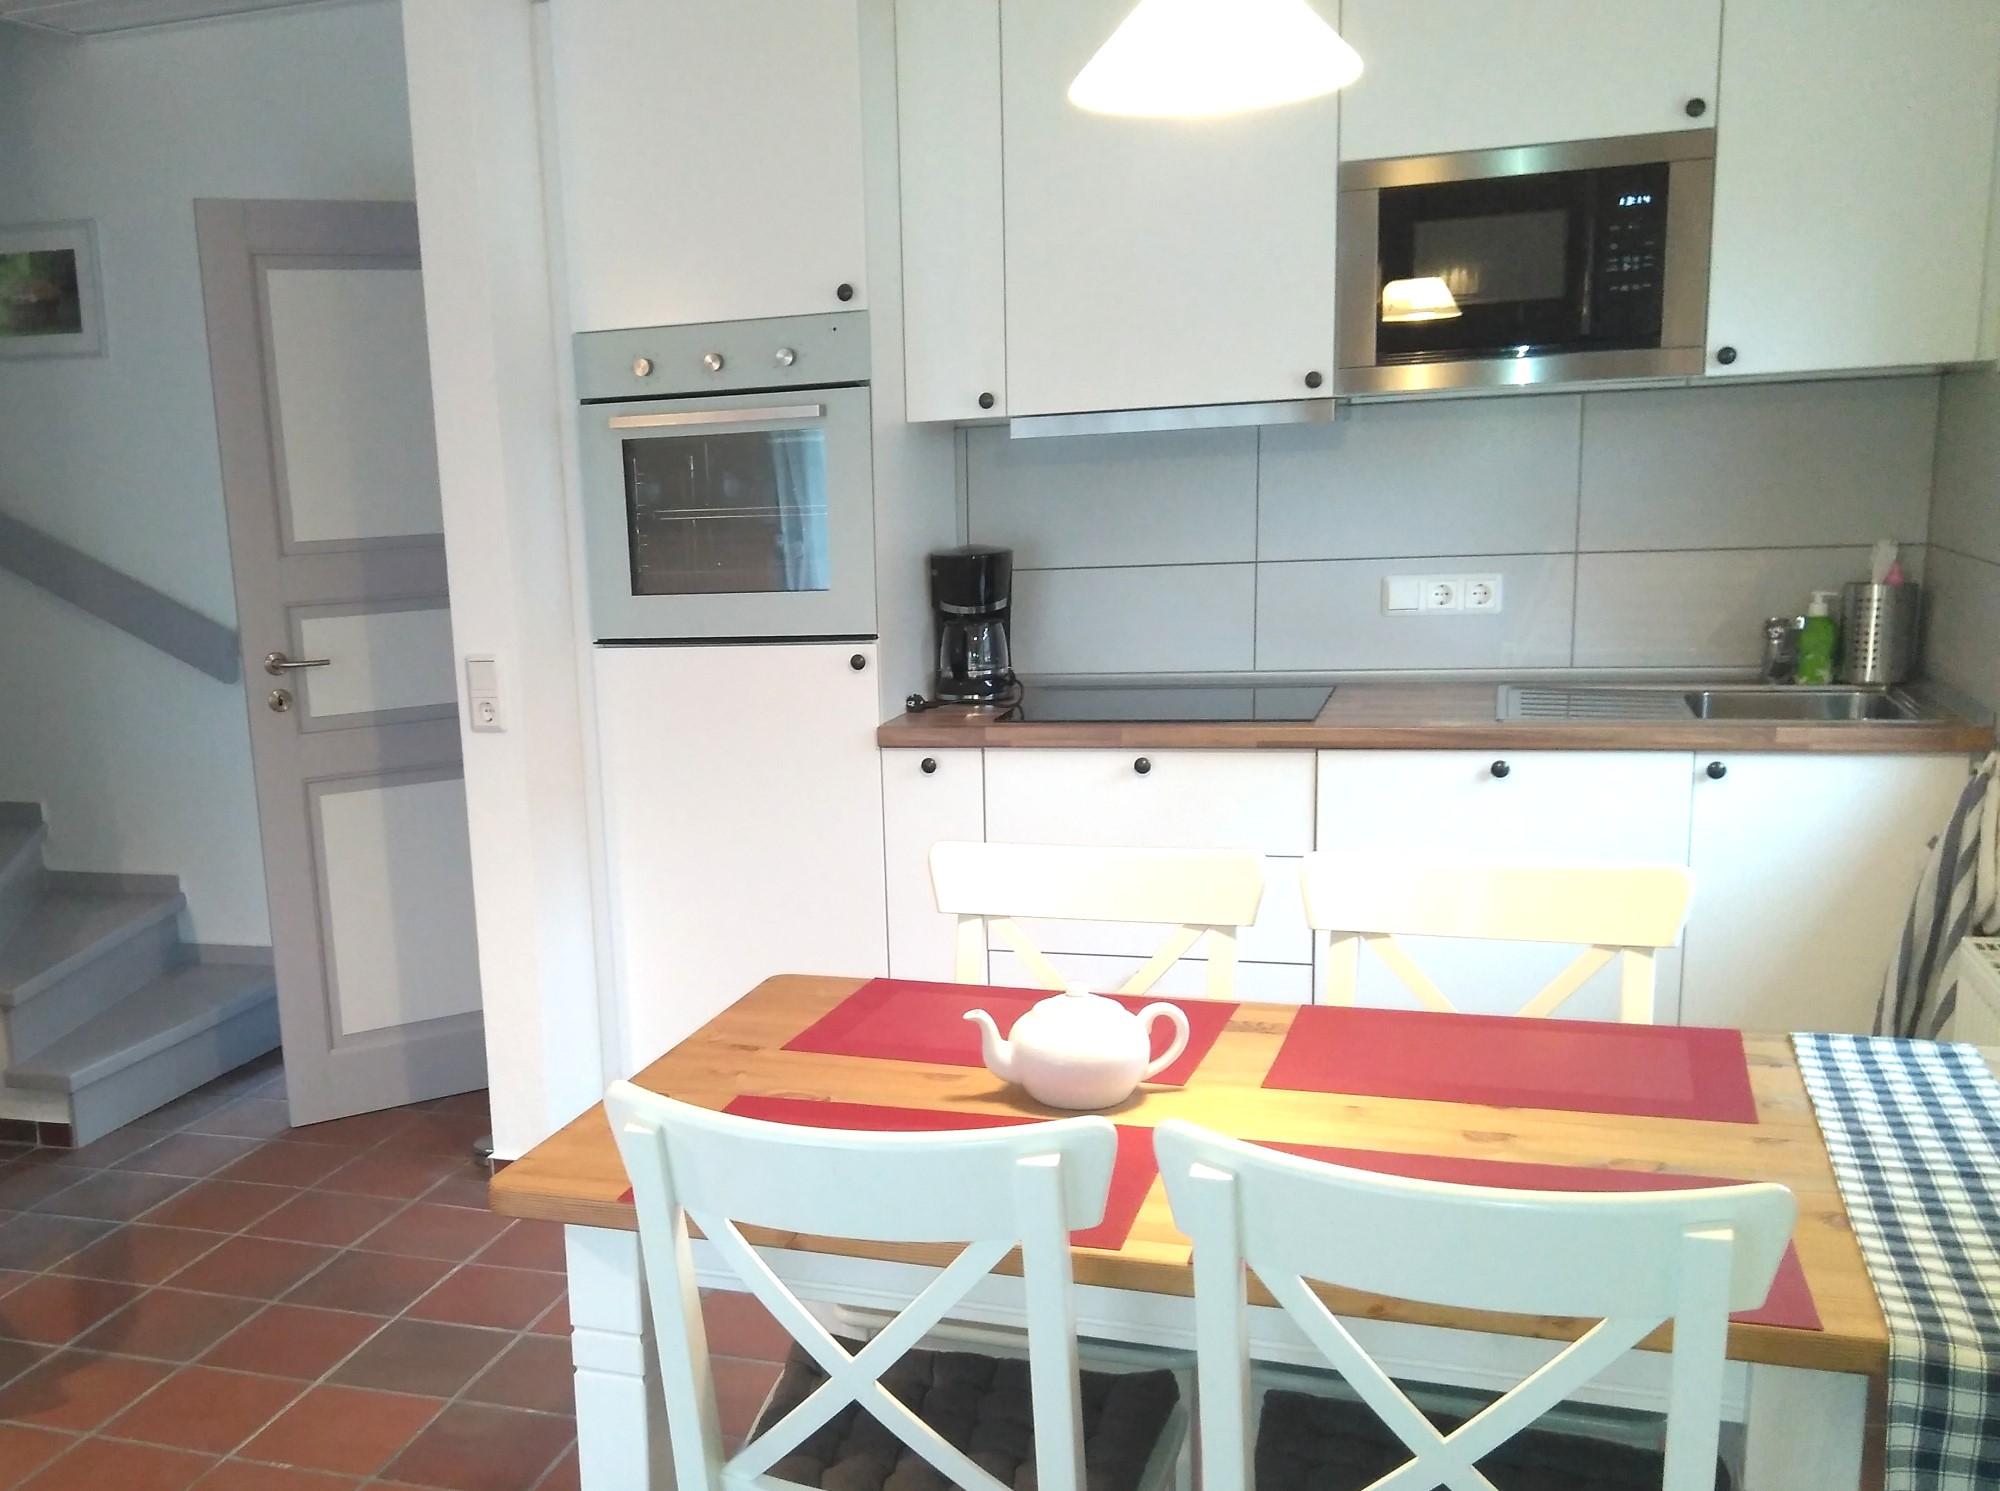 87 wohnzimmertisch lang esstische couchtische und mbel aus massivholz beim tischonkel. Black Bedroom Furniture Sets. Home Design Ideas